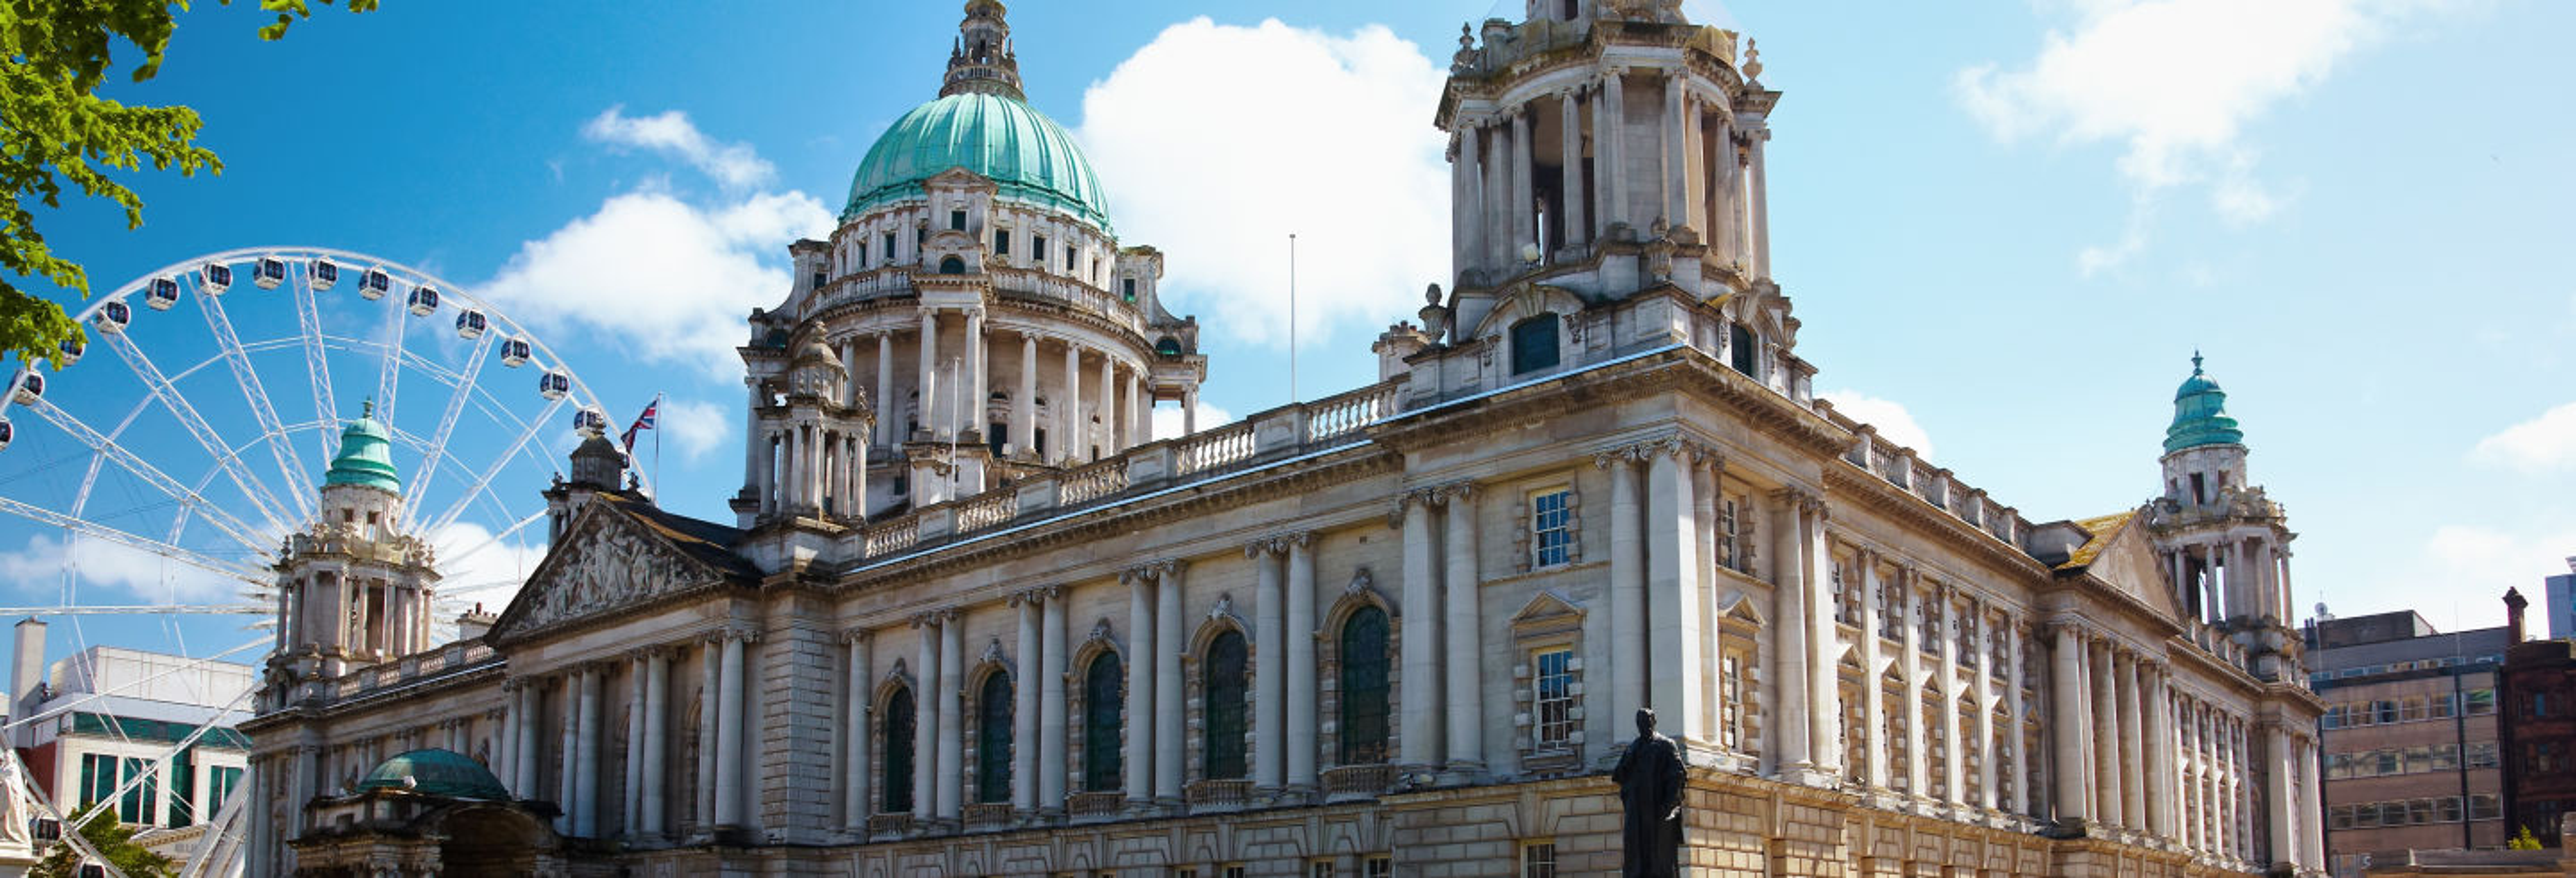 Excursão a Belfast + Museu do Titanic